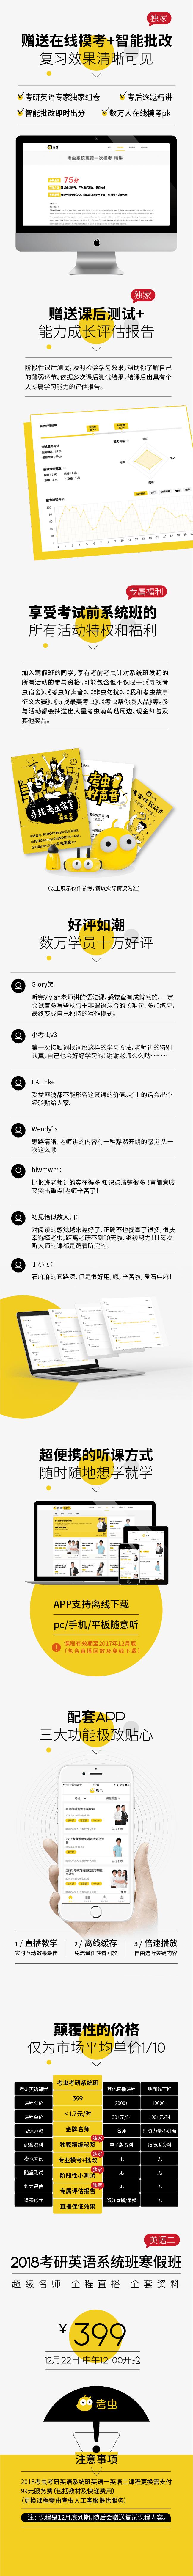 考研寒假班英语二-02.png